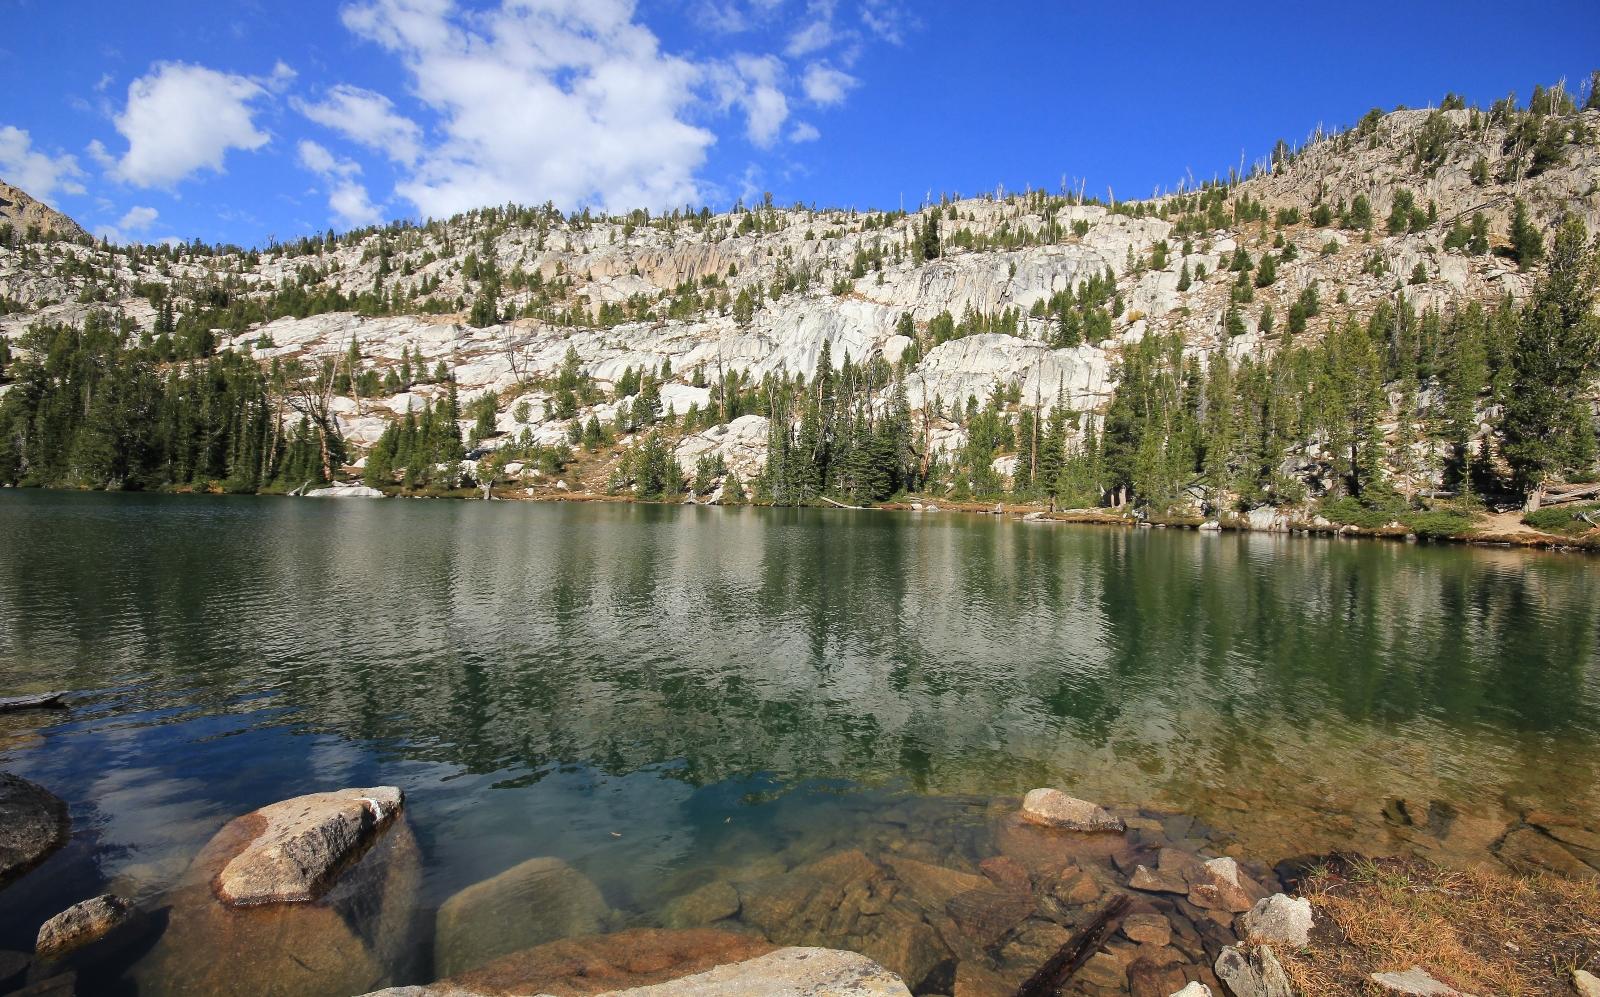 09-26-15 Island Lake (107)